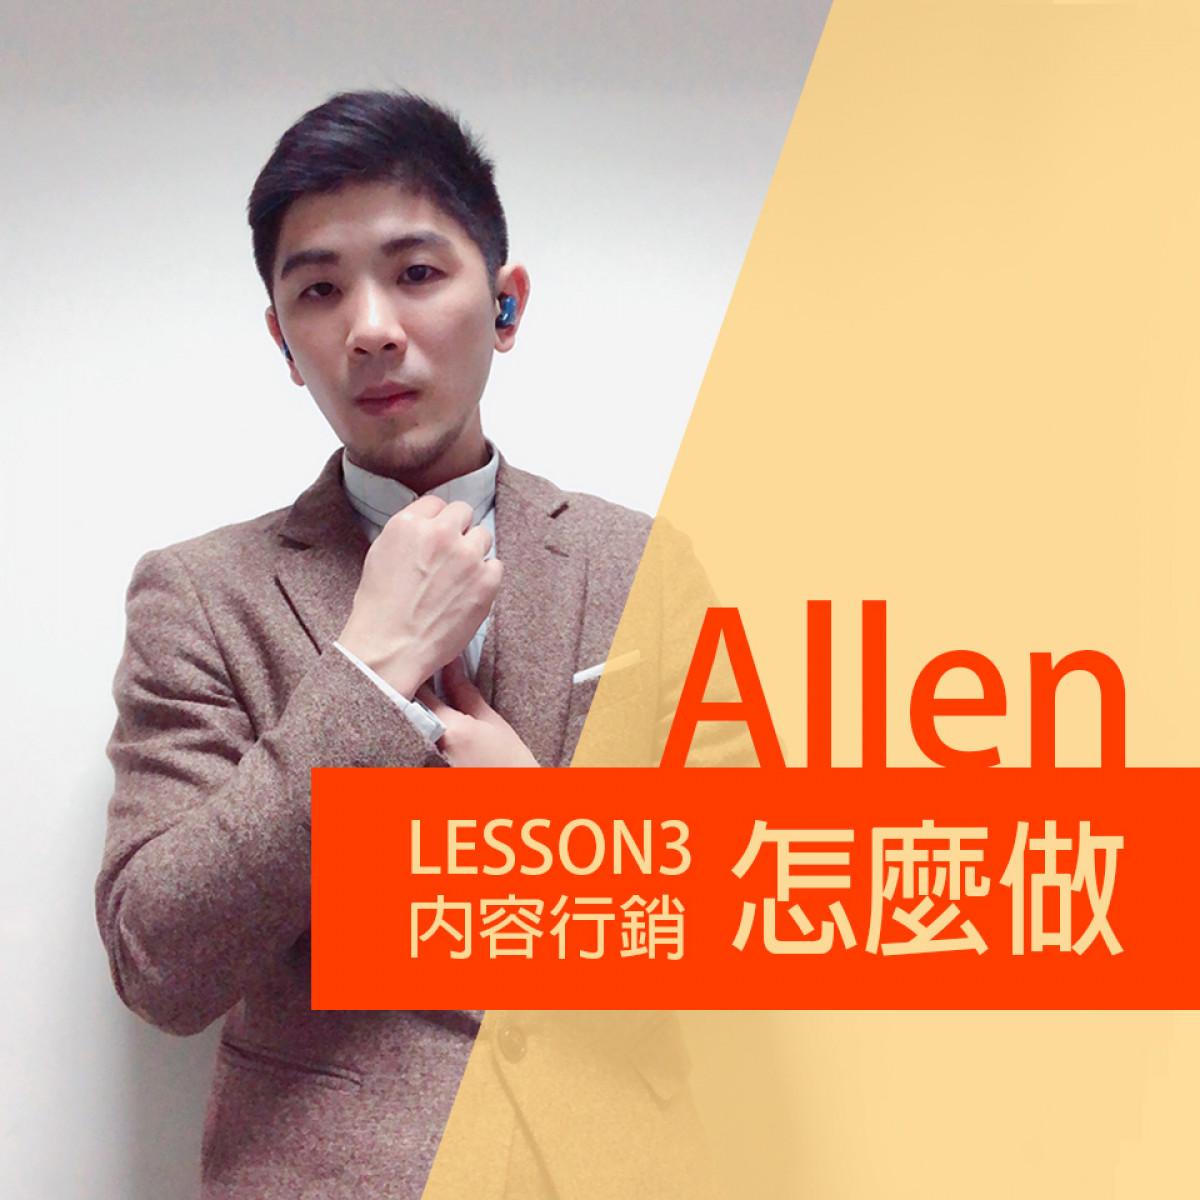 Lesson3 內容行銷怎麼做